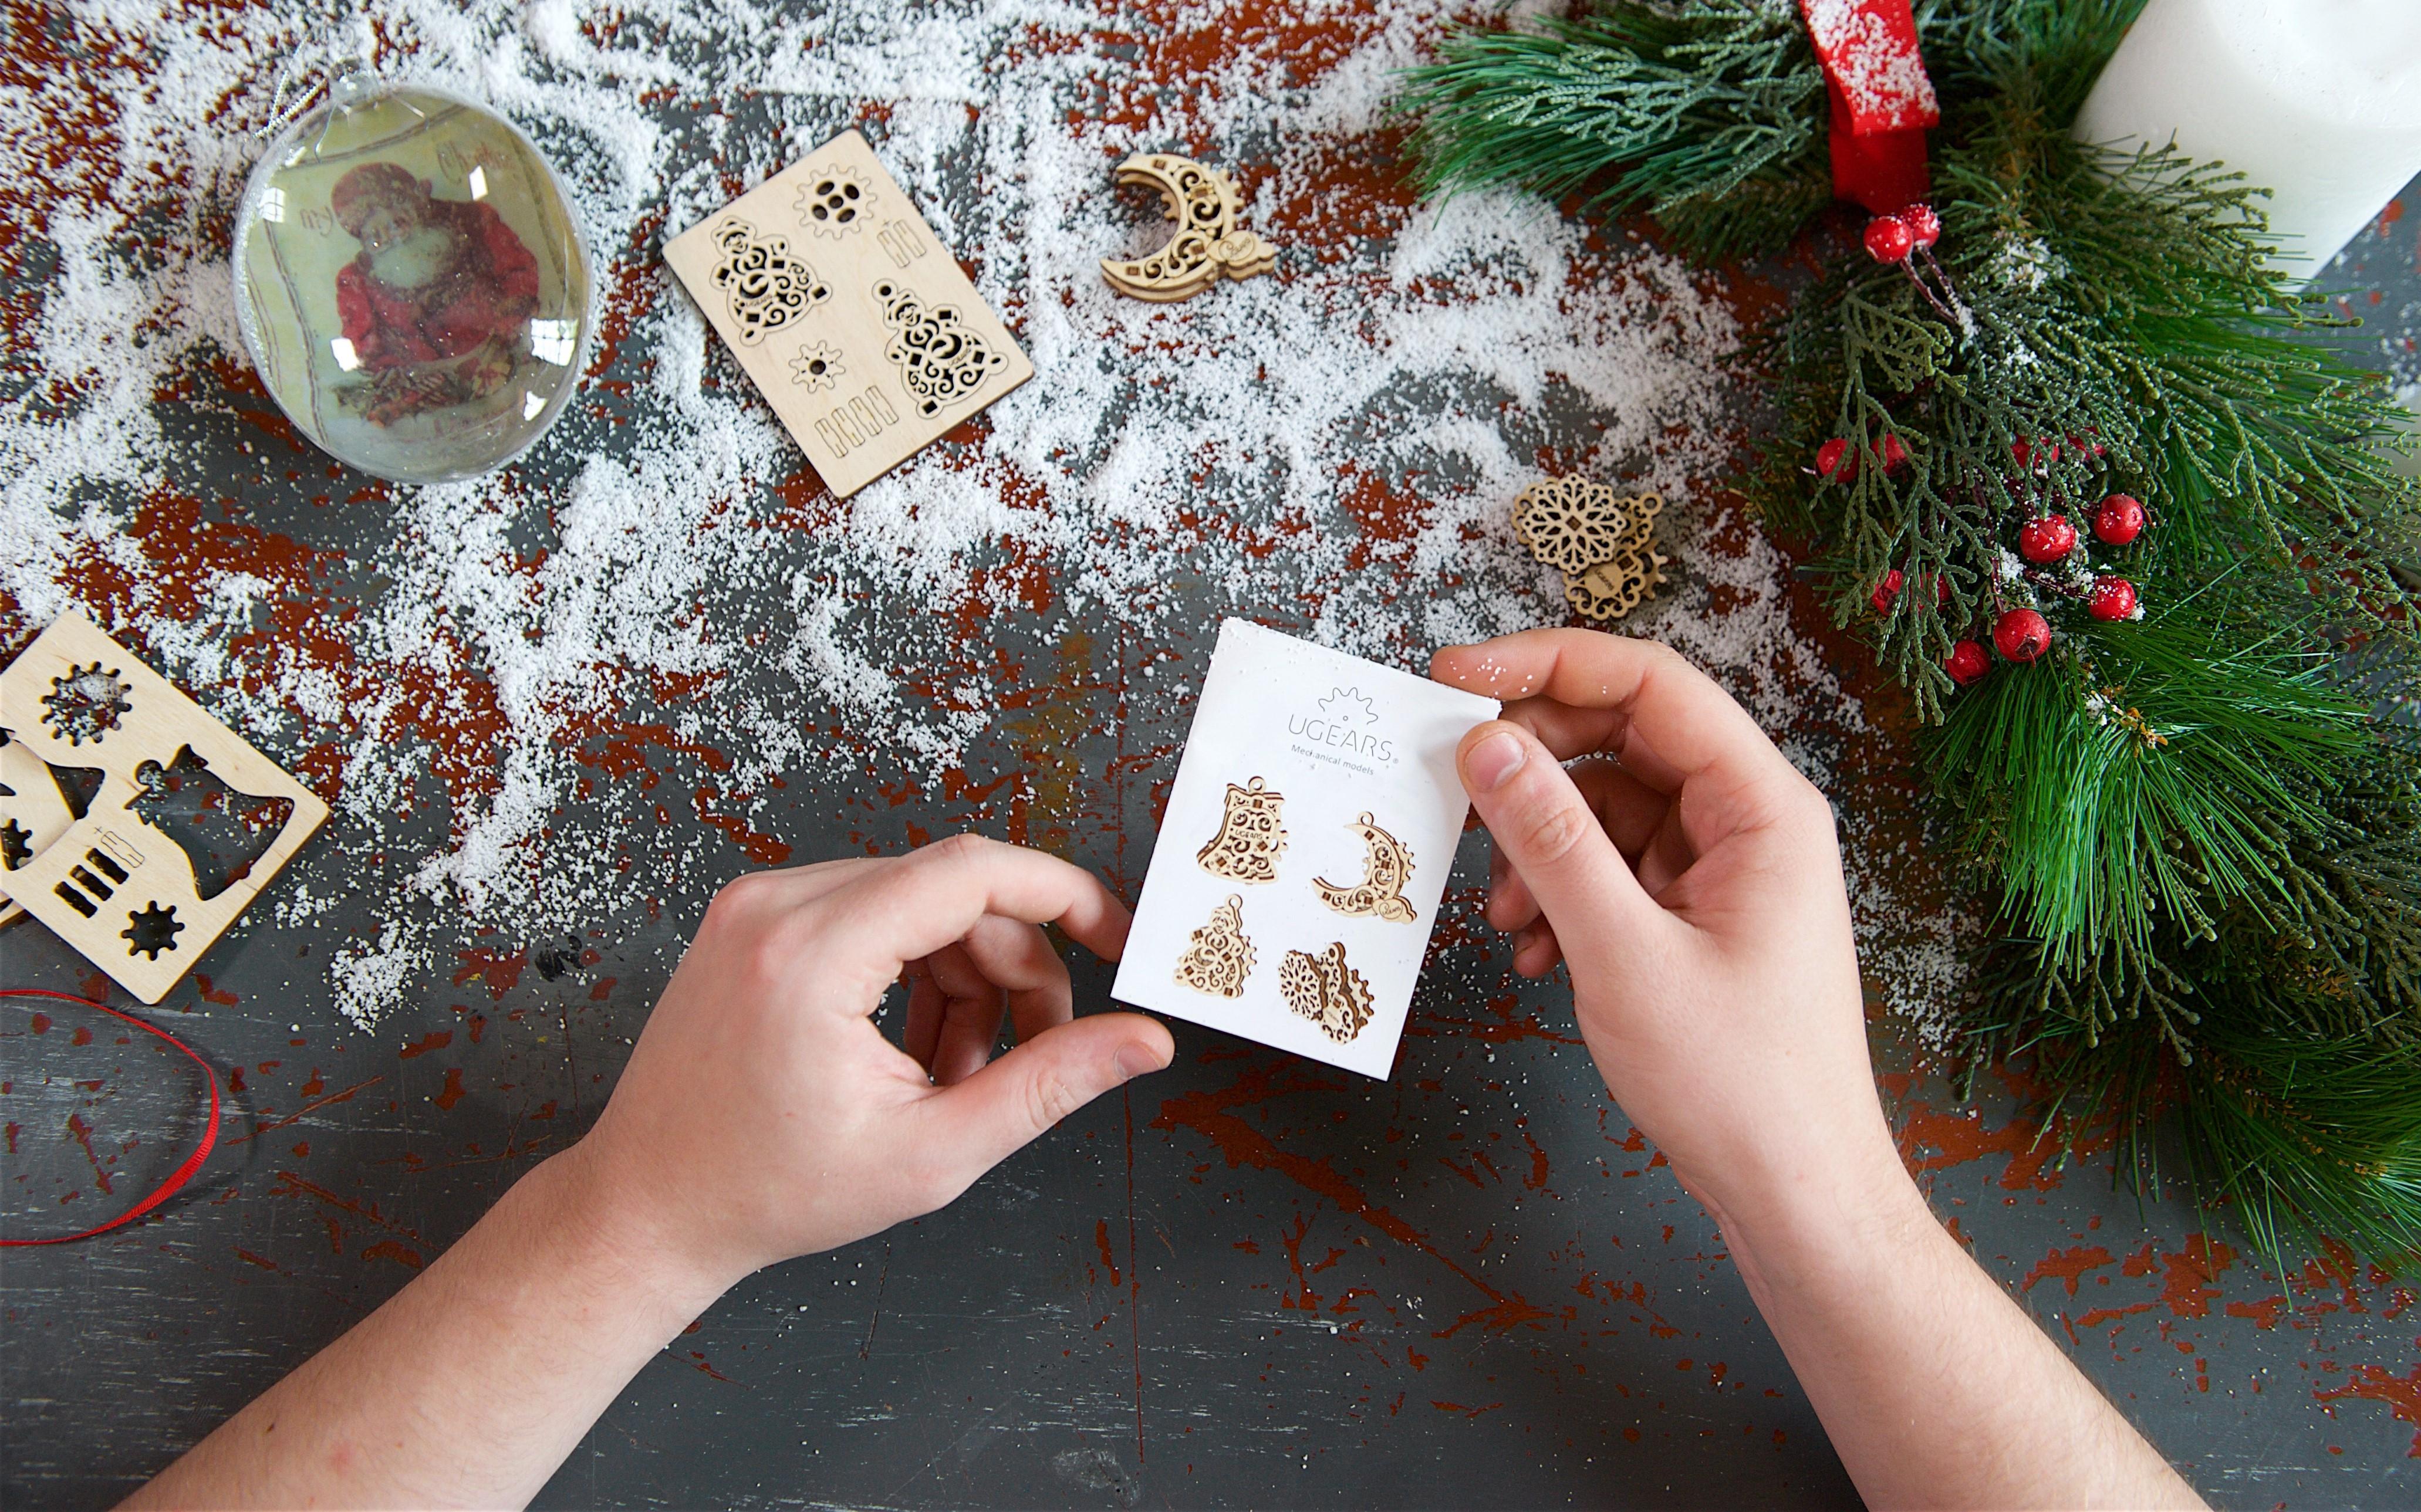 Mô Hình Gỗ Cơ Khí -  U-Fidgets-Gearsmas - Set 4 tấm Trang trí Noel, sản phẩm chính hãng Ugears, nhập khẩu nguyên bộ từ EU, Fidget, DYI